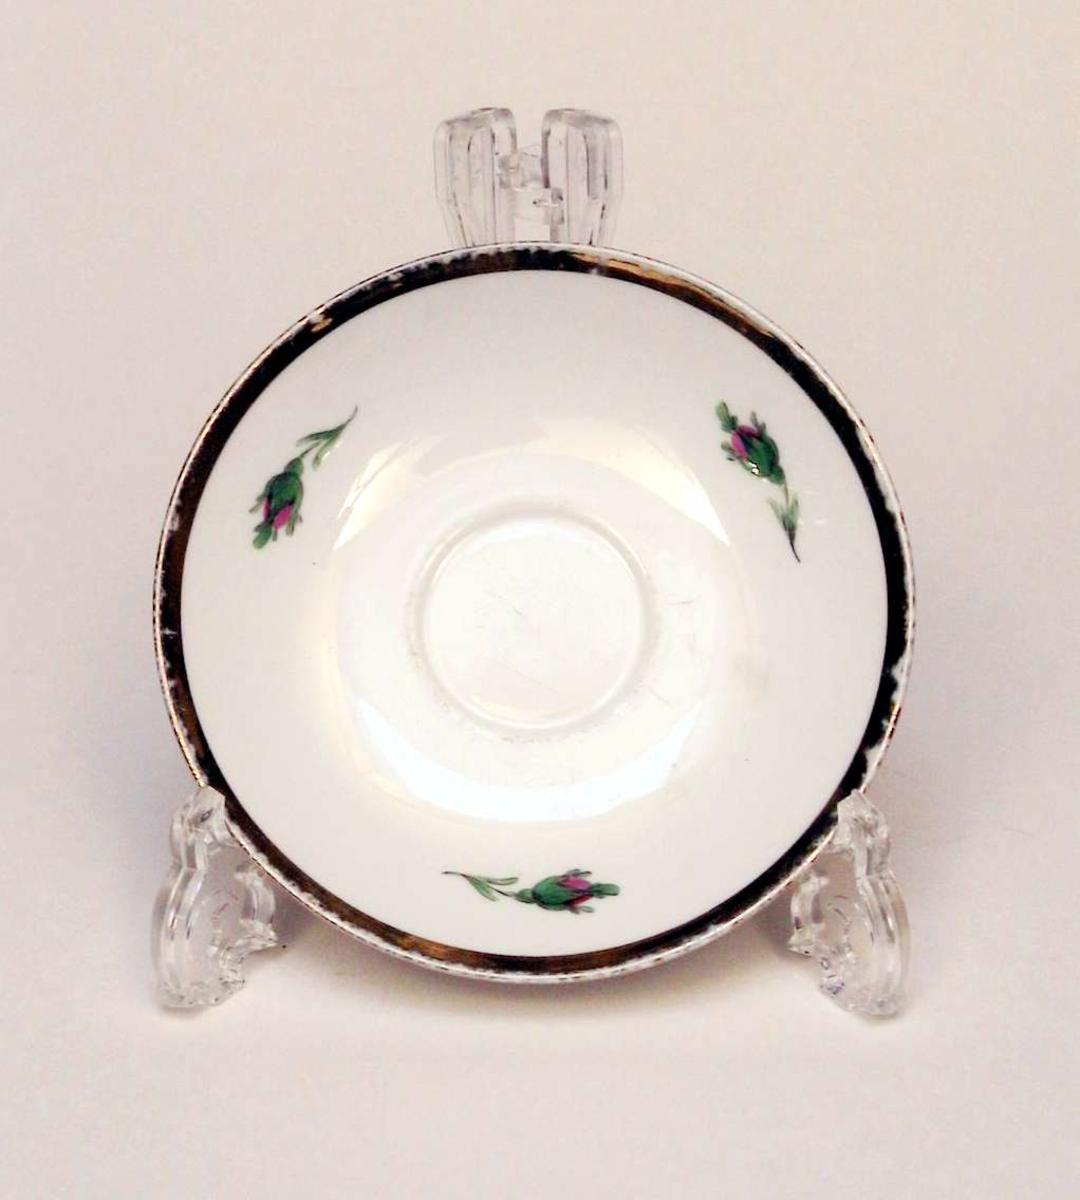 Skål i hvit porselen med blomsterdekor og gullkant. Det er hakk i skålen. Skålen har produksjonsmerke.